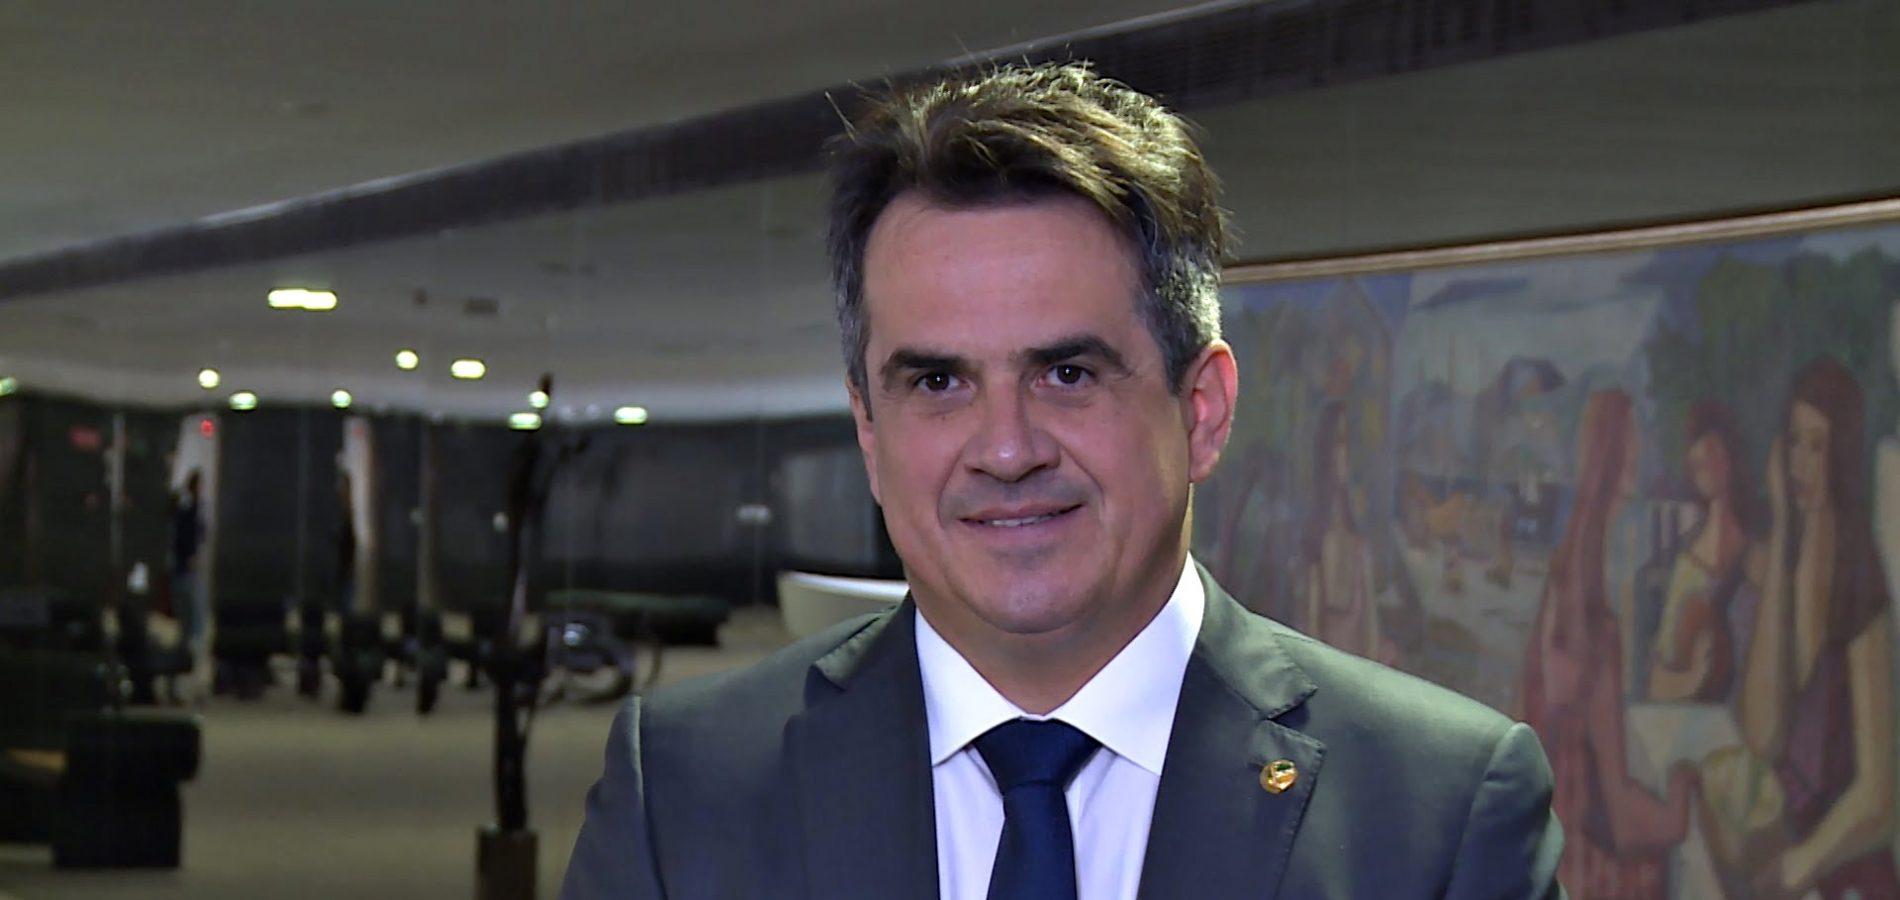 PP espera por Ciro Nogueira para definir APPM e participação no governo Wellington